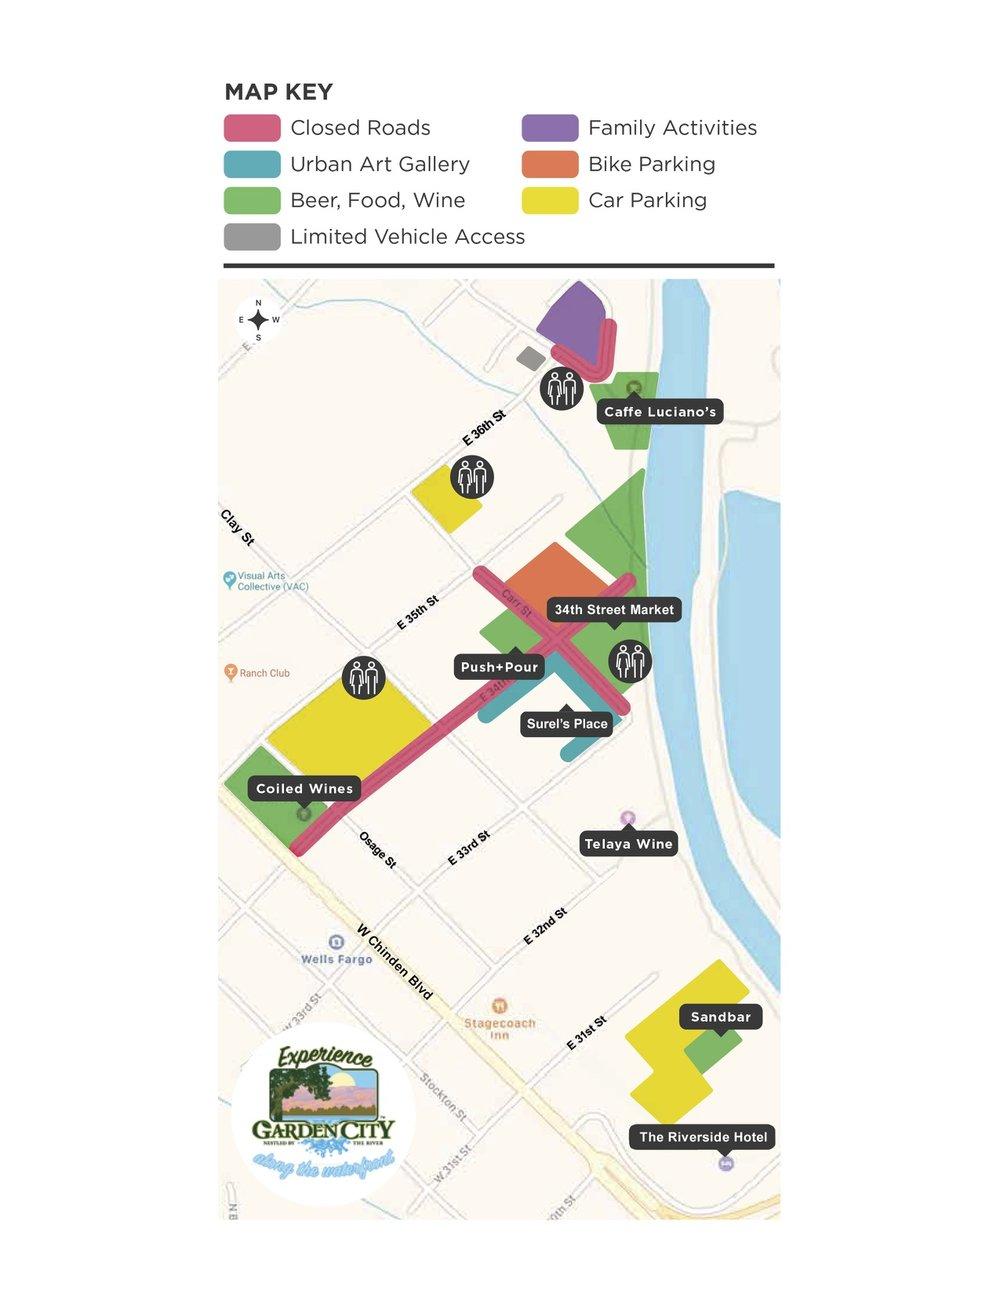 Garden City Guide FINAL 100318 vertmap.jpg